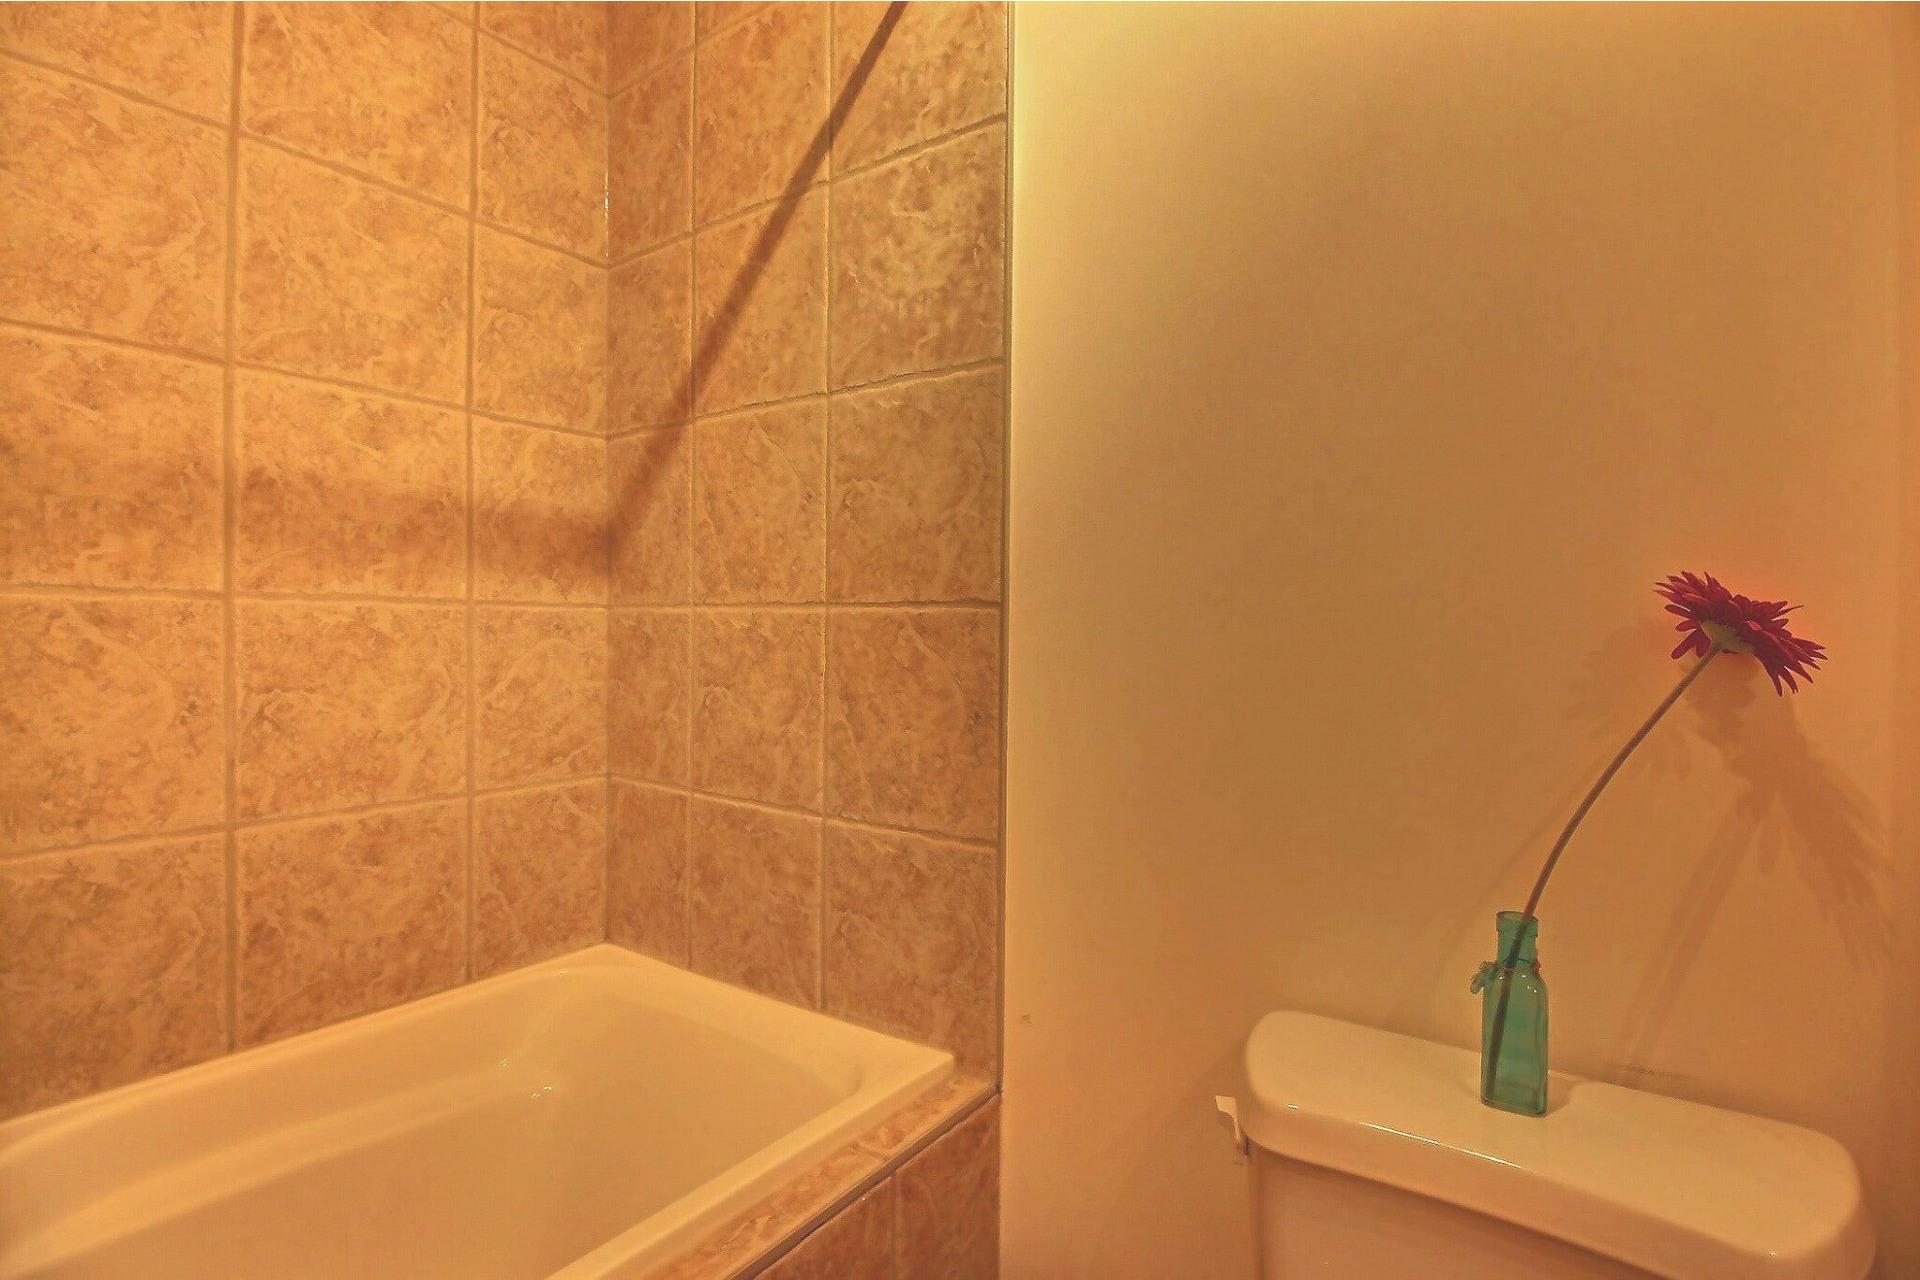 image 12 - Appartement À vendre Le Plateau-Mont-Royal Montréal  - 3 pièces